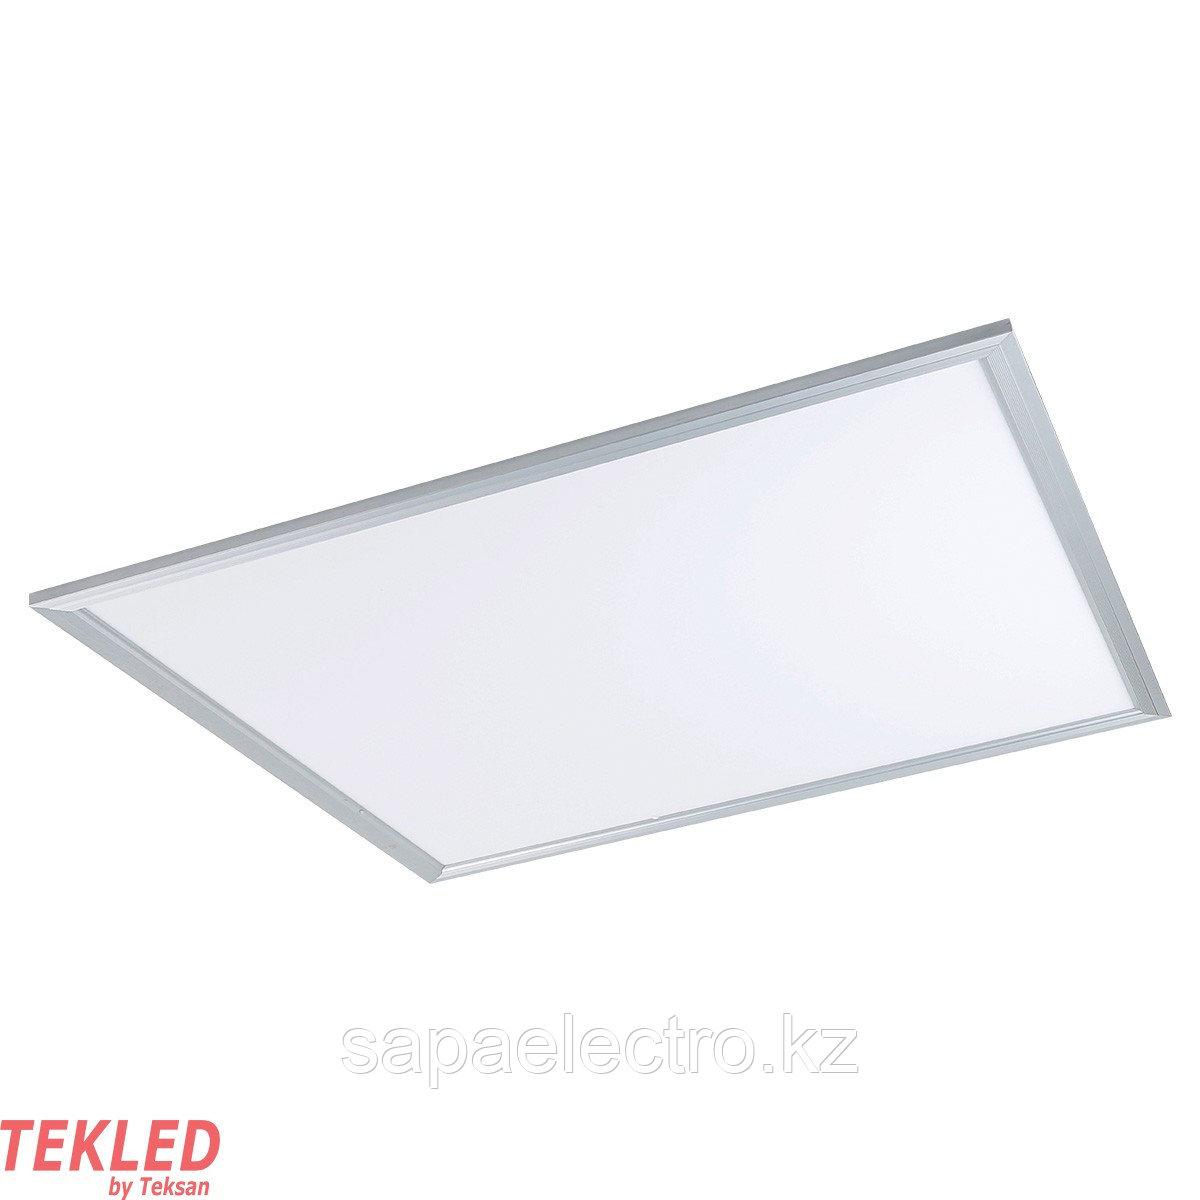 Св-к LED SLIM PANEL 70W 595X595 6400K+(2шт драйвера